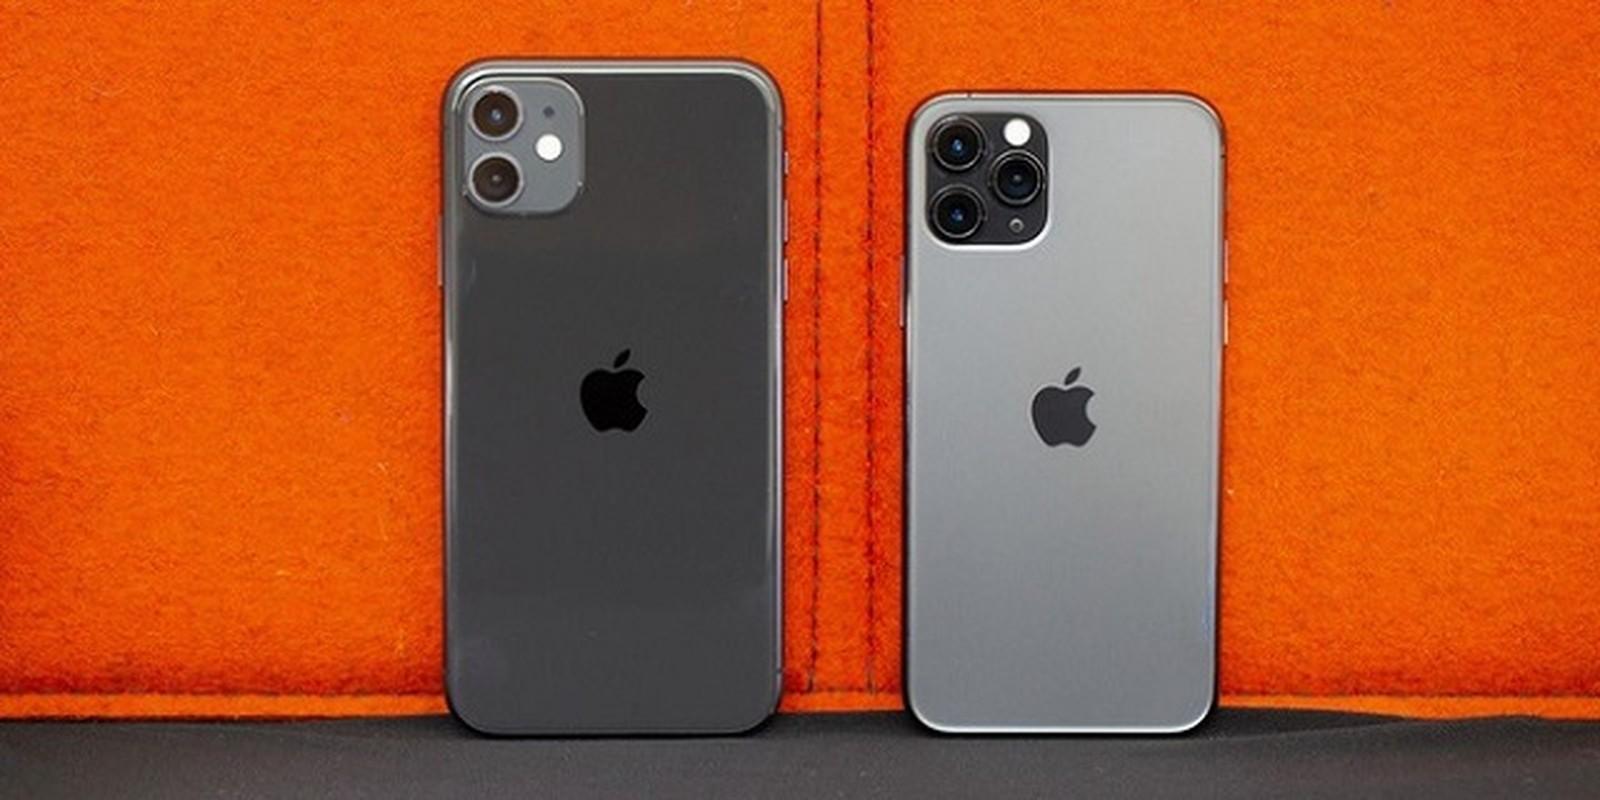 It nguoi biet chiec iPhone SRD danh rieng cho... Hacker mu trang-Hinh-3